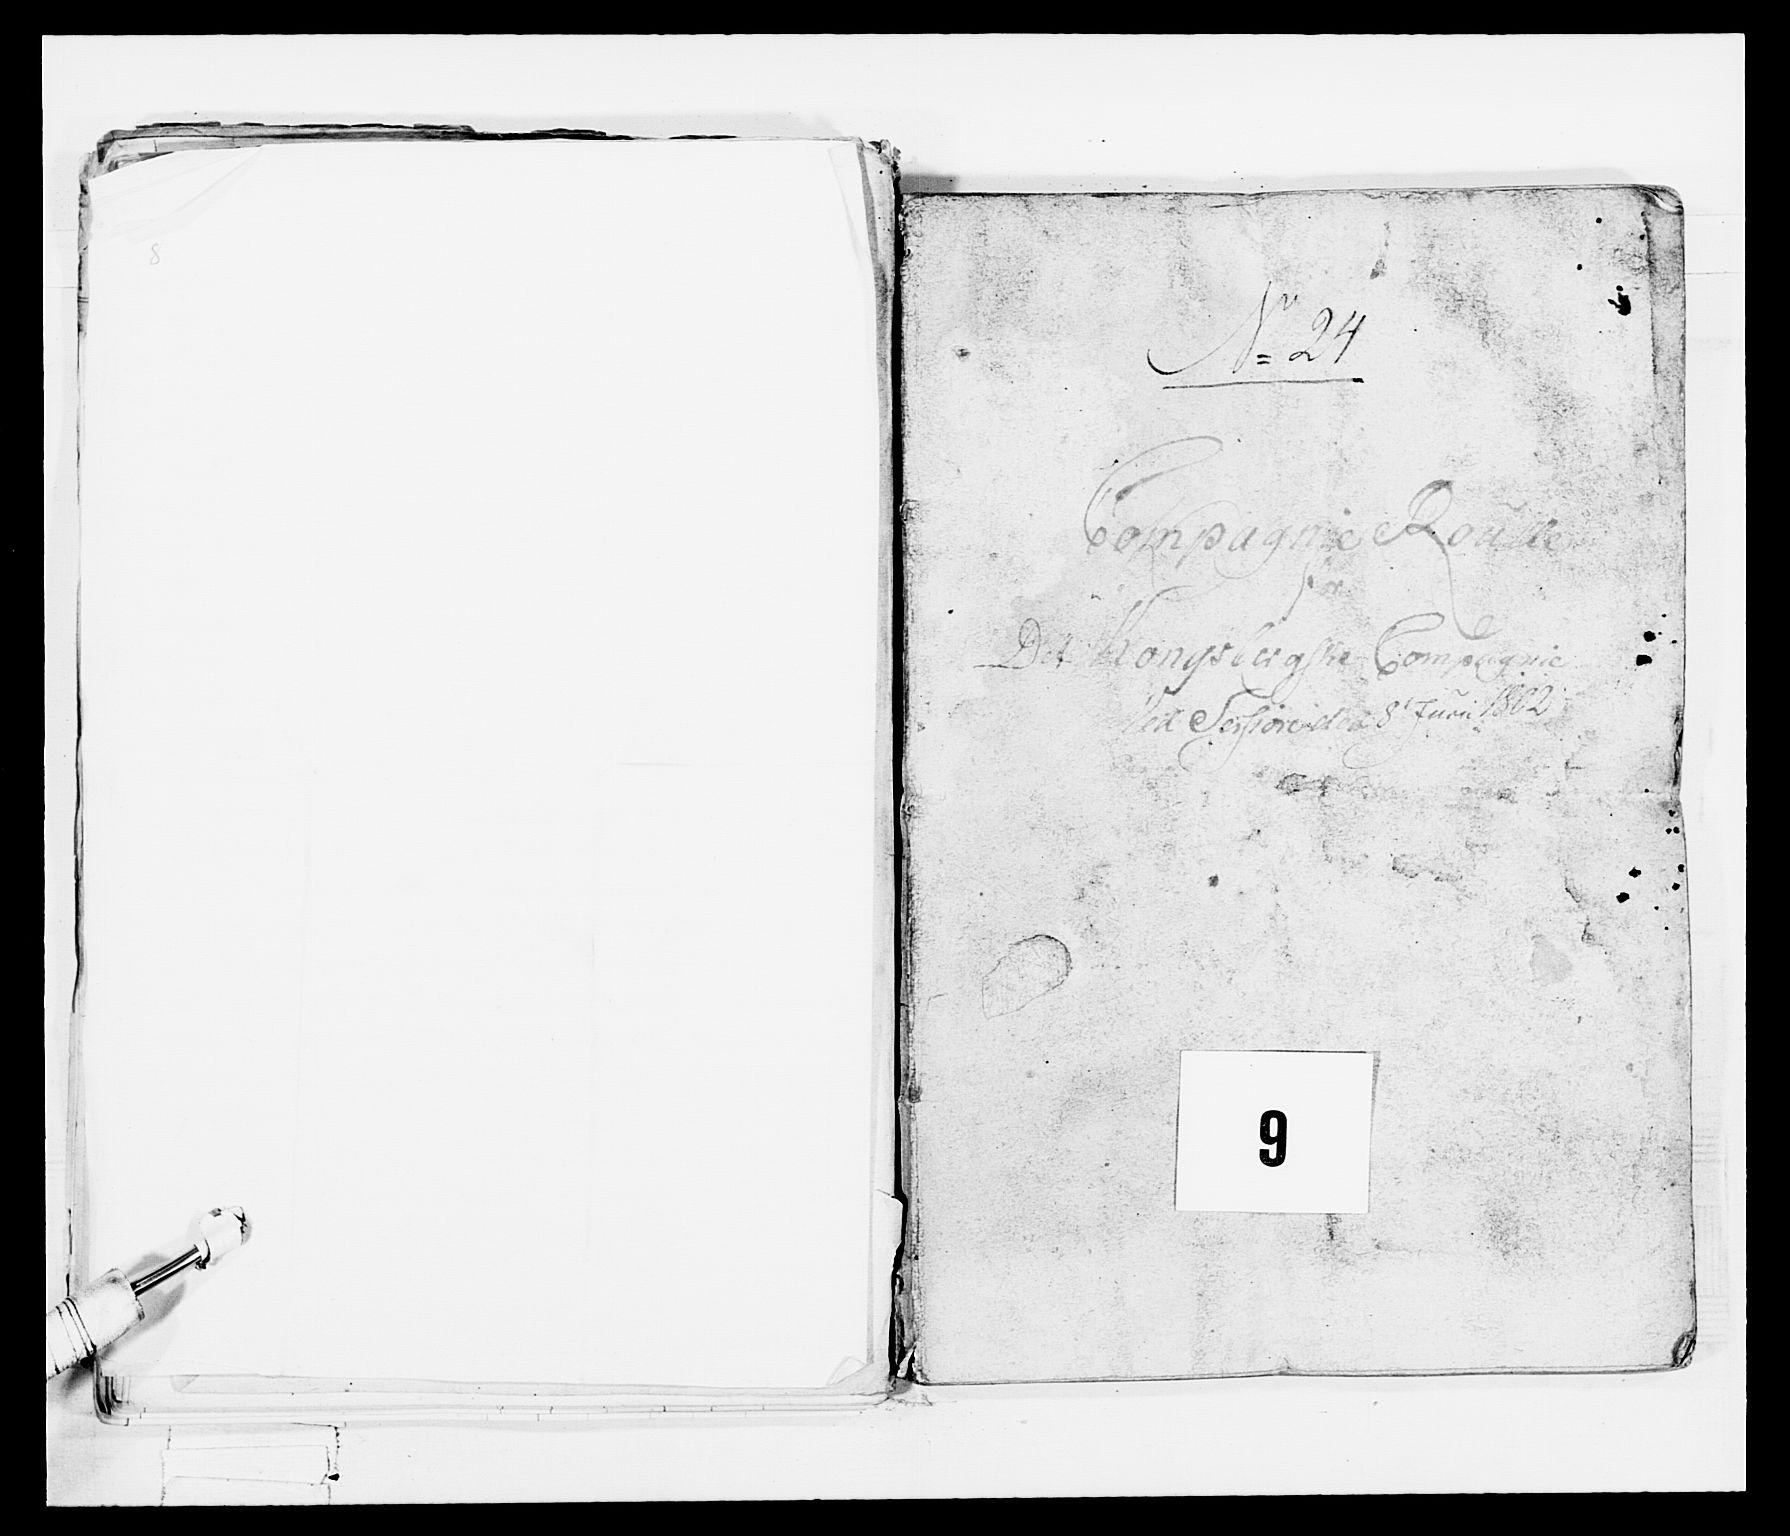 RA, Generalitets- og kommissariatskollegiet, Det kongelige norske kommissariatskollegium, E/Eh/L0047: 2. Akershusiske nasjonale infanteriregiment, 1791-1810, s. 48